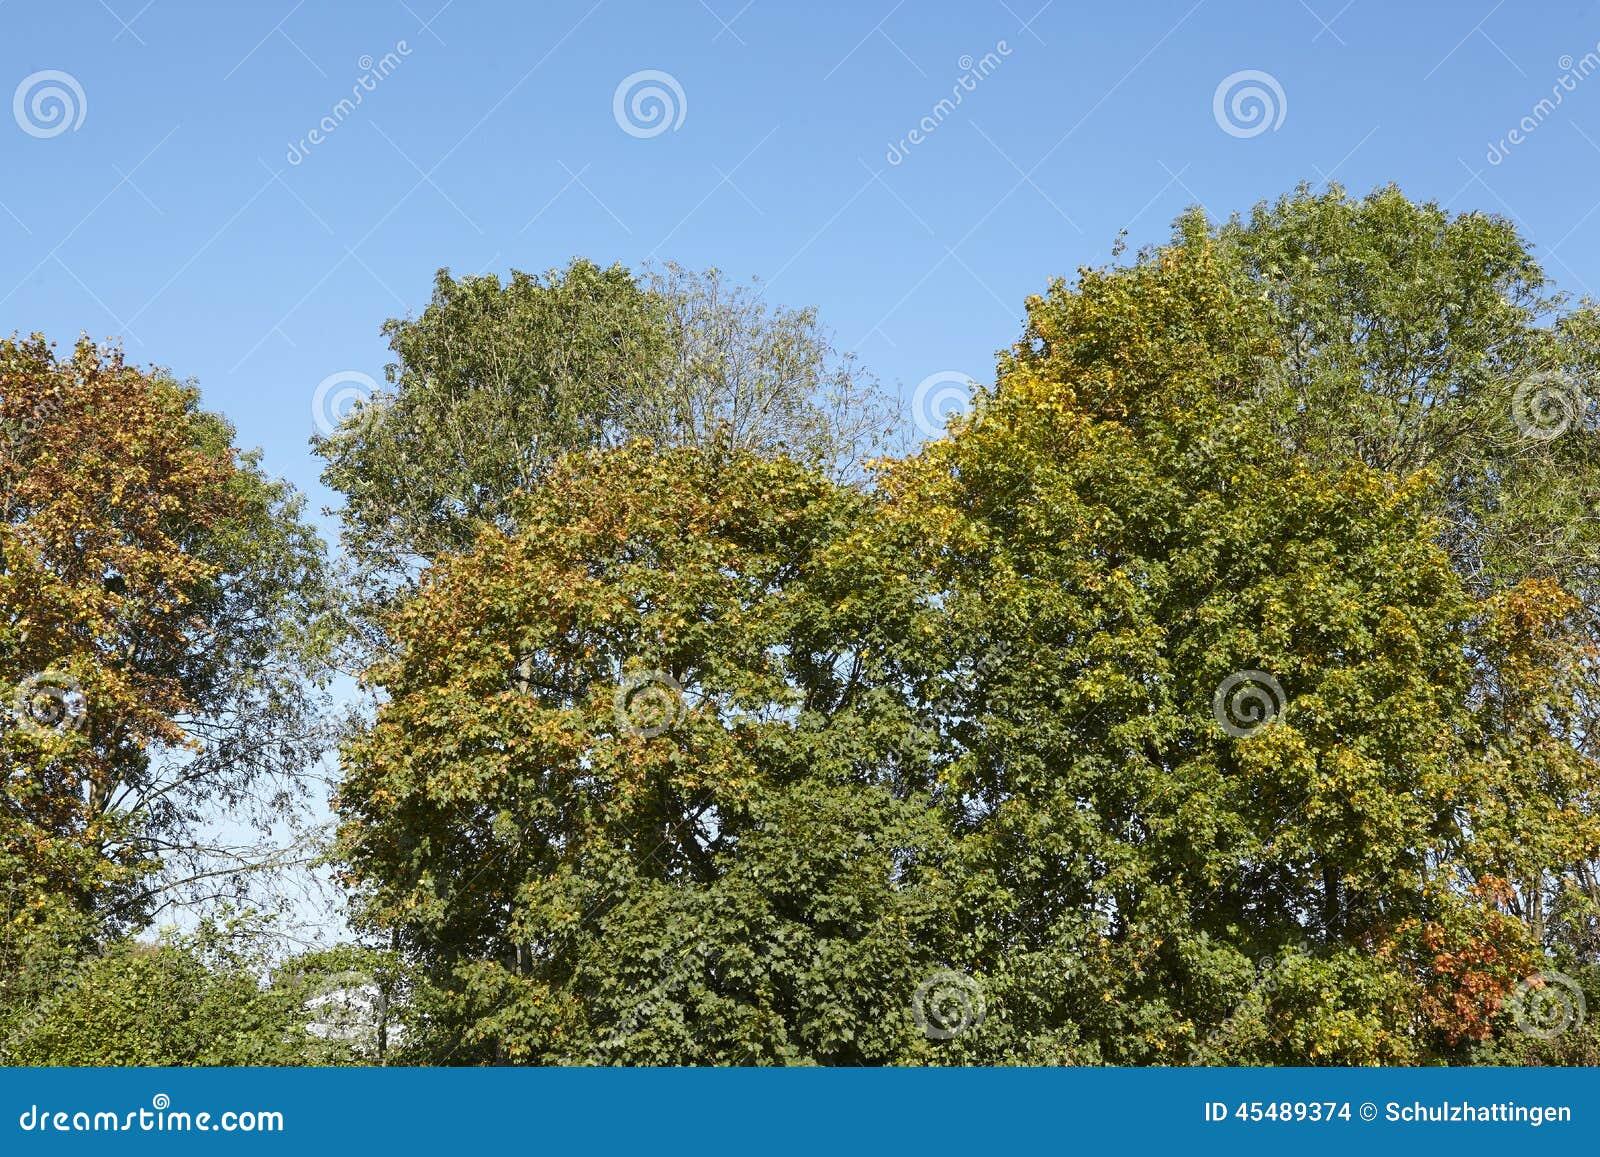 阔叶烟草的森林-树加冠在森林边缘